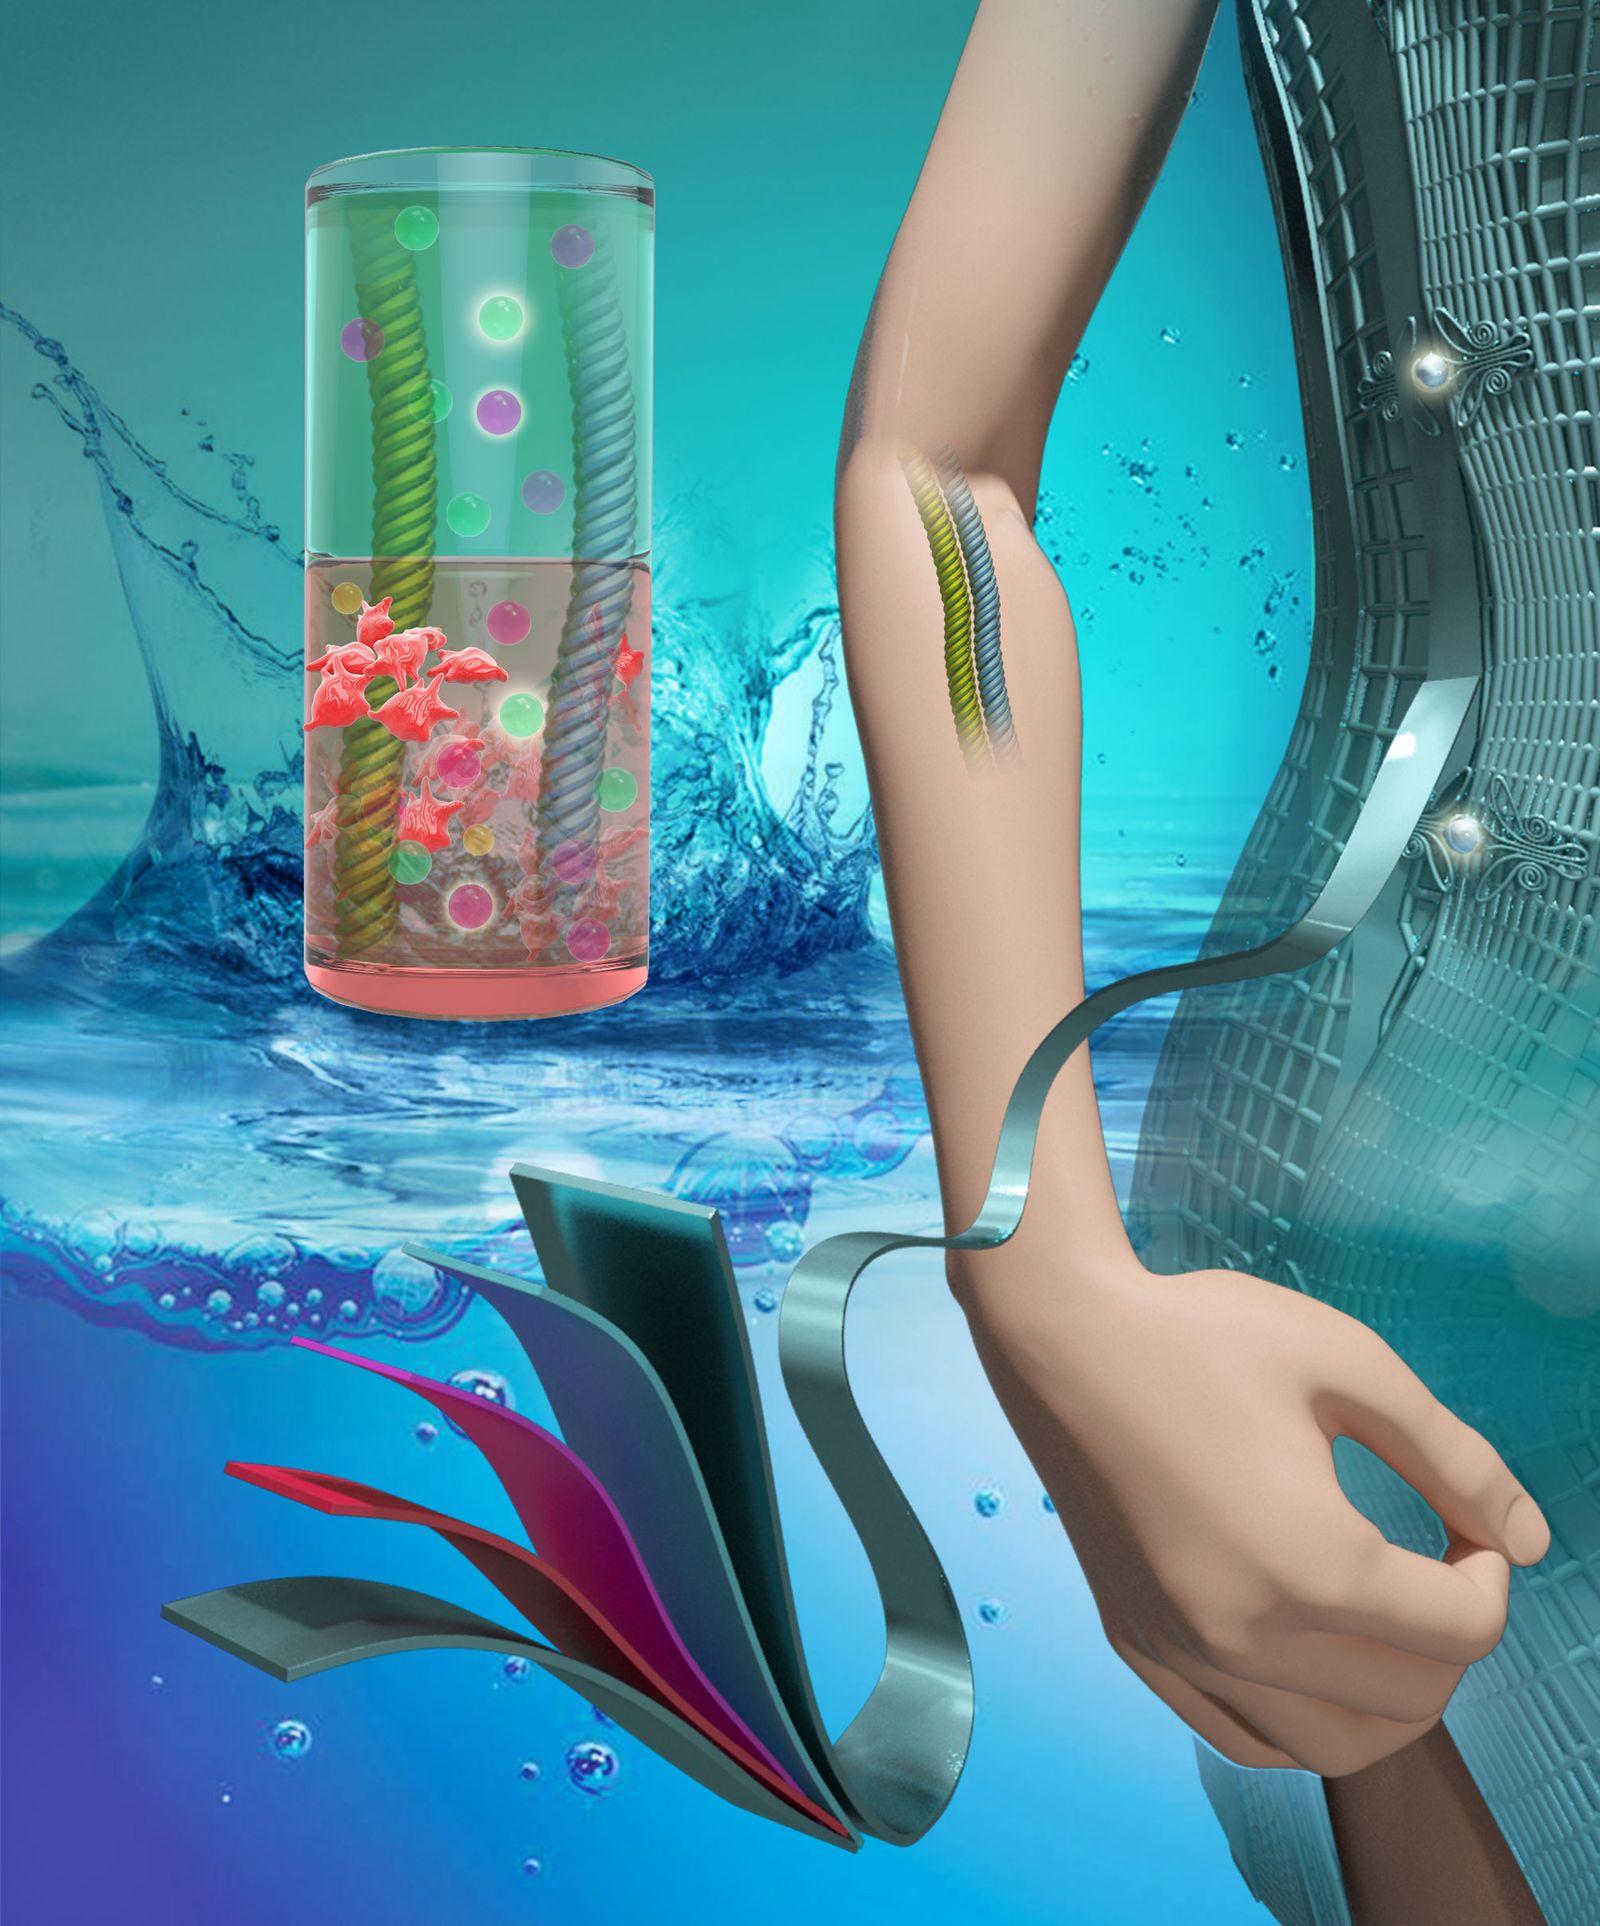 SPERRFRIST 10.08.17 1800H EINMALIGE VERWENDUNG Implantat / Batterie